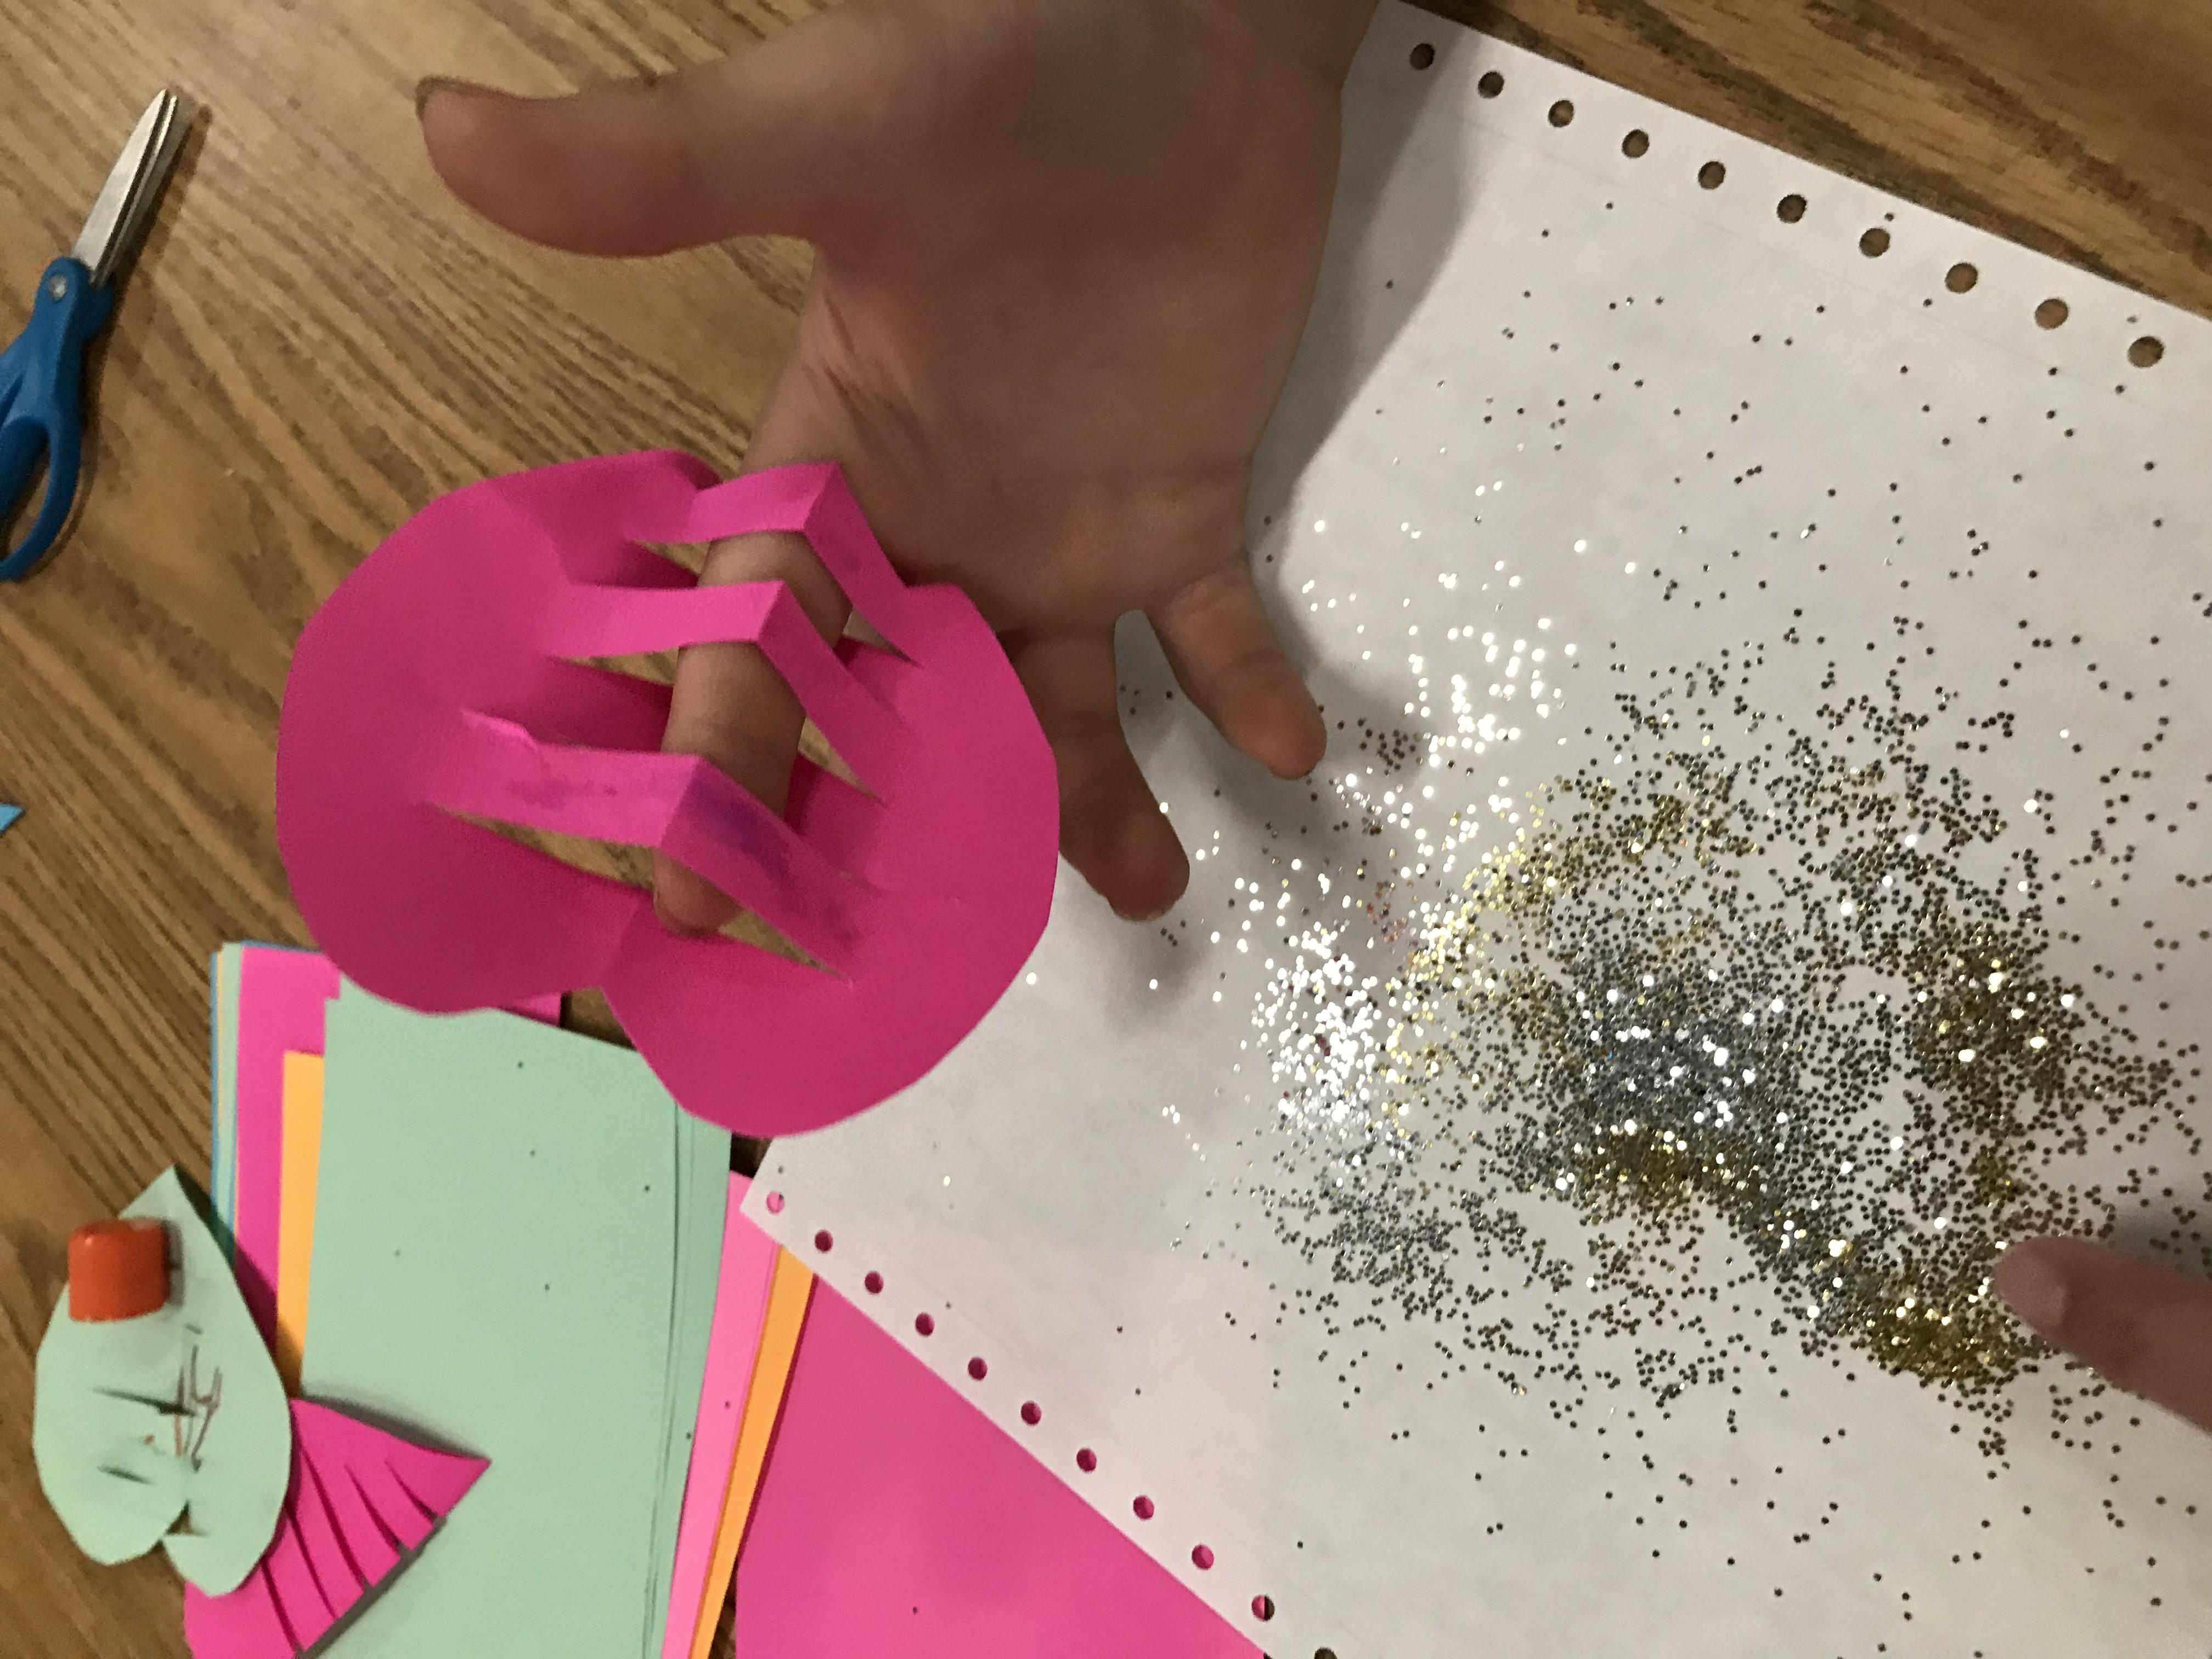 Pushing finger throw slits of paper heart